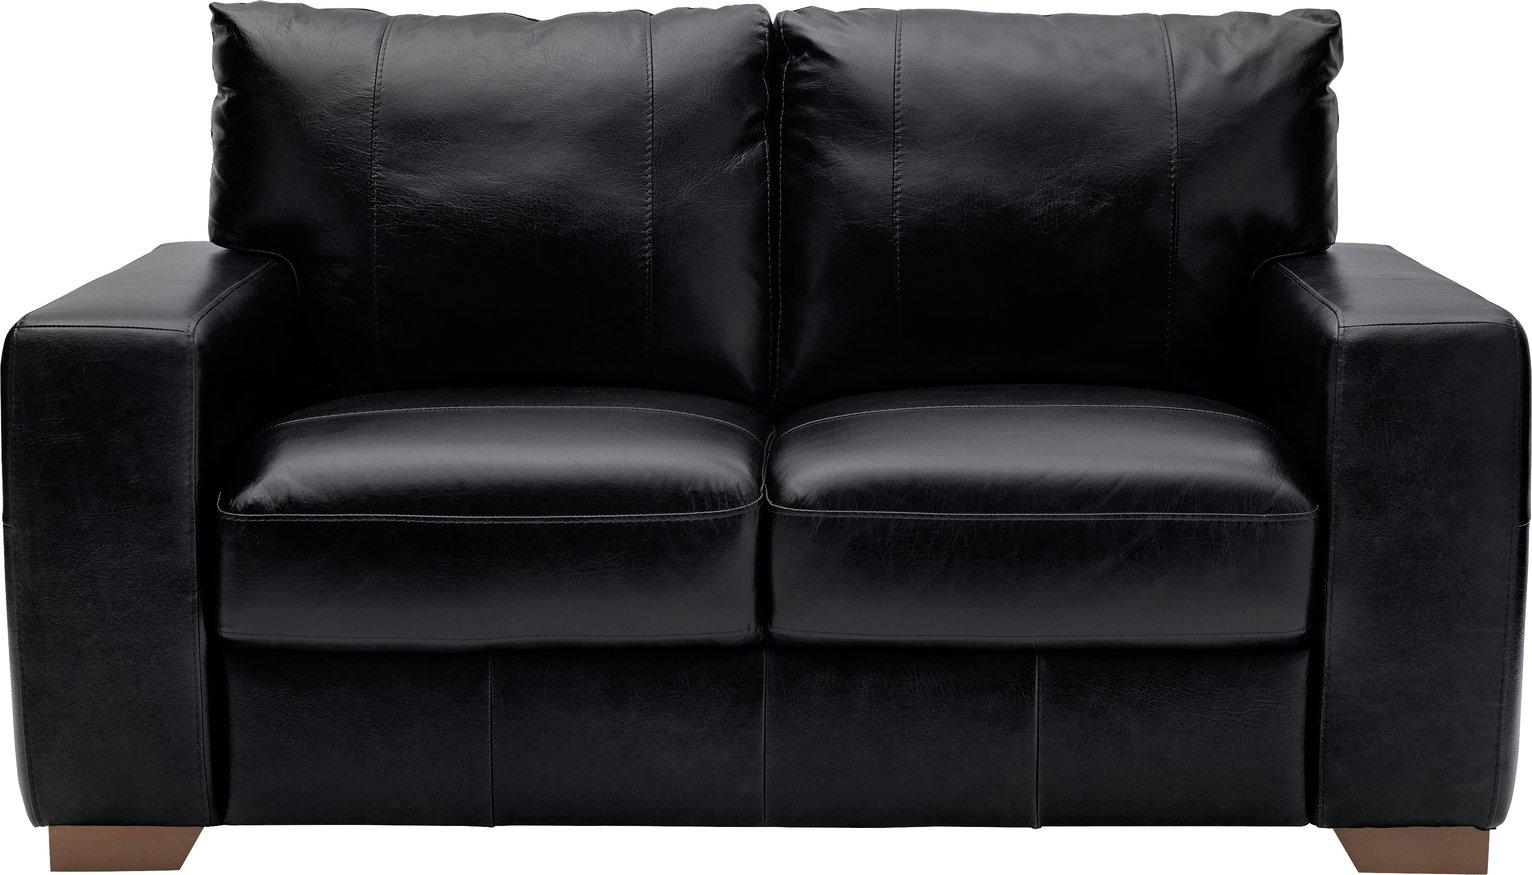 Argos Home Eton 2 Seater Leather Sofa - Black